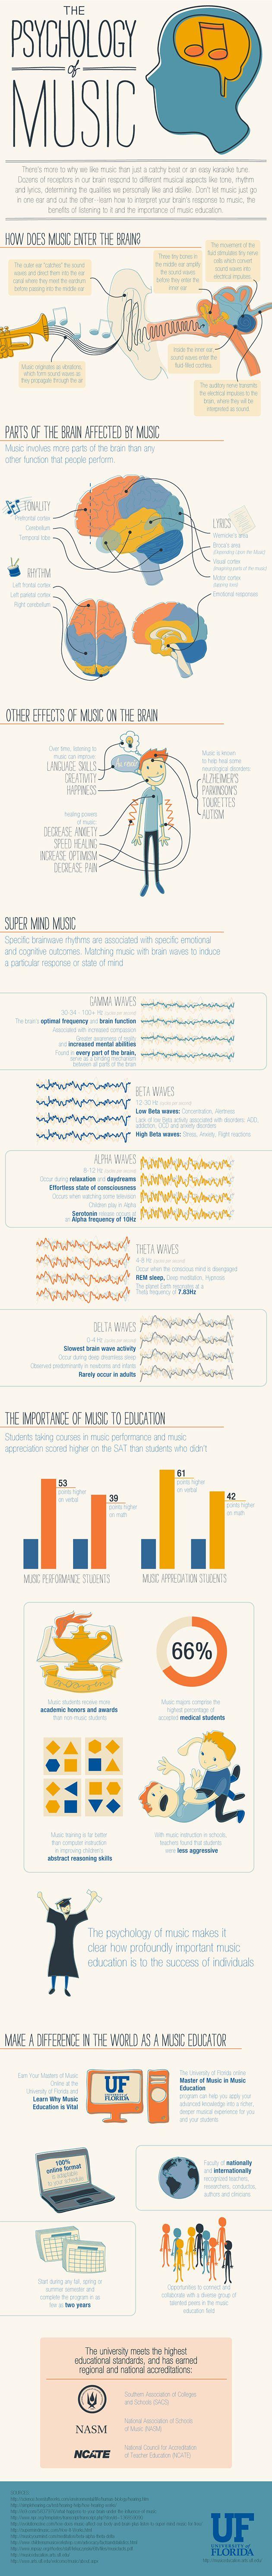 Bei mir dudelt beim Arbeiten grundsätzlich immer nebenher Musik. Ohne geht gar nicht.Alle anderen Musikliebhaber werden sich jetzt ebenfalls bestätigt fühlen. Denn es stimmt: Musik ist gut für uns. Gerade beim Arbeiten verhilft sie zu mehr Kreativität. Di